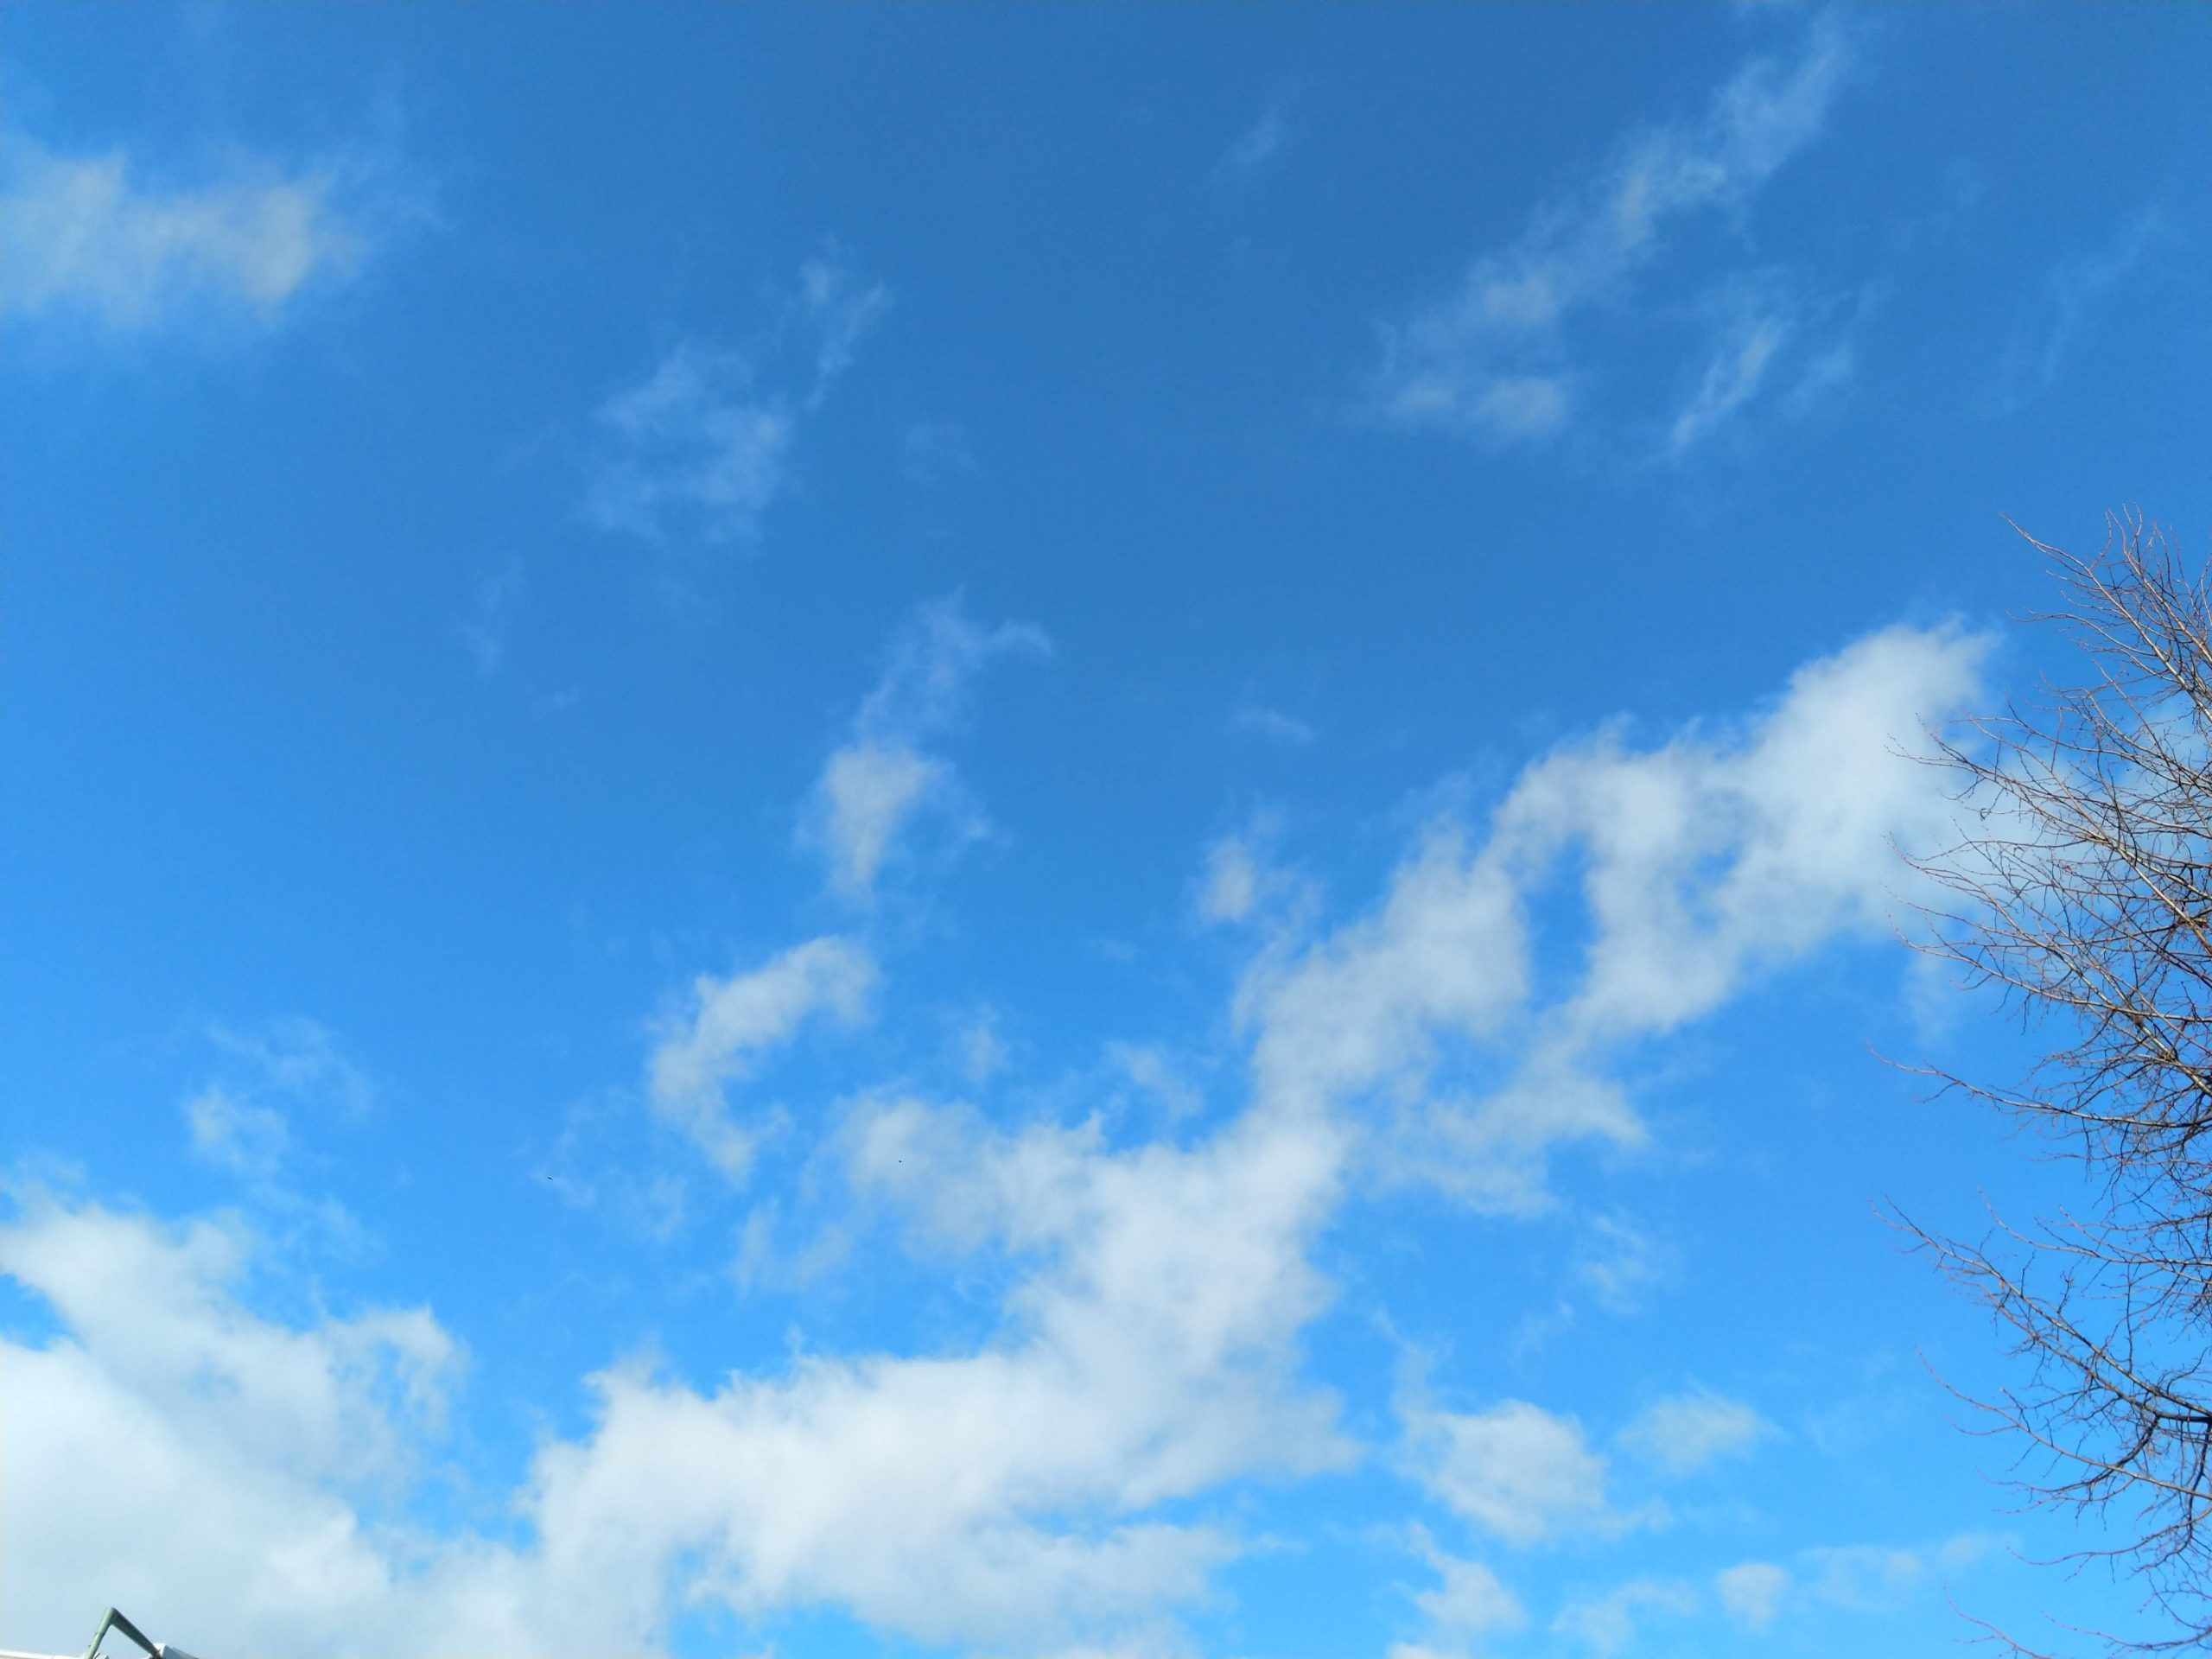 Kleine weiße Federwolken am hellblauen Himmel